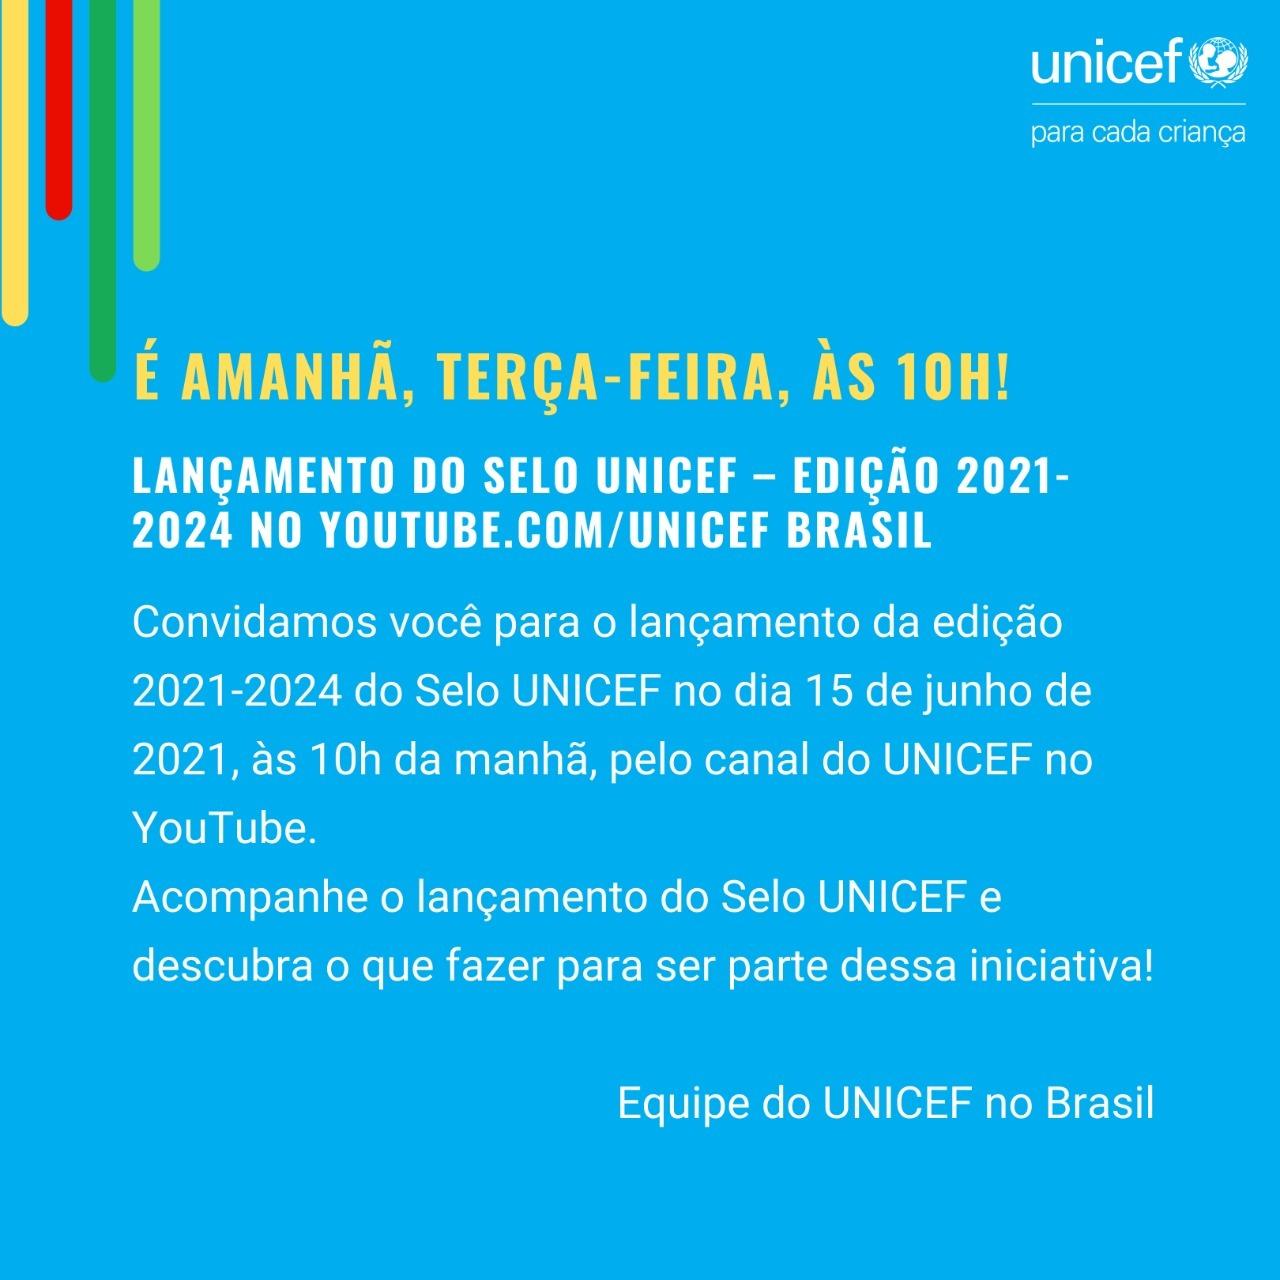 Lançamento do Selo UNICEF 2021-2024 é nesta terça-feira